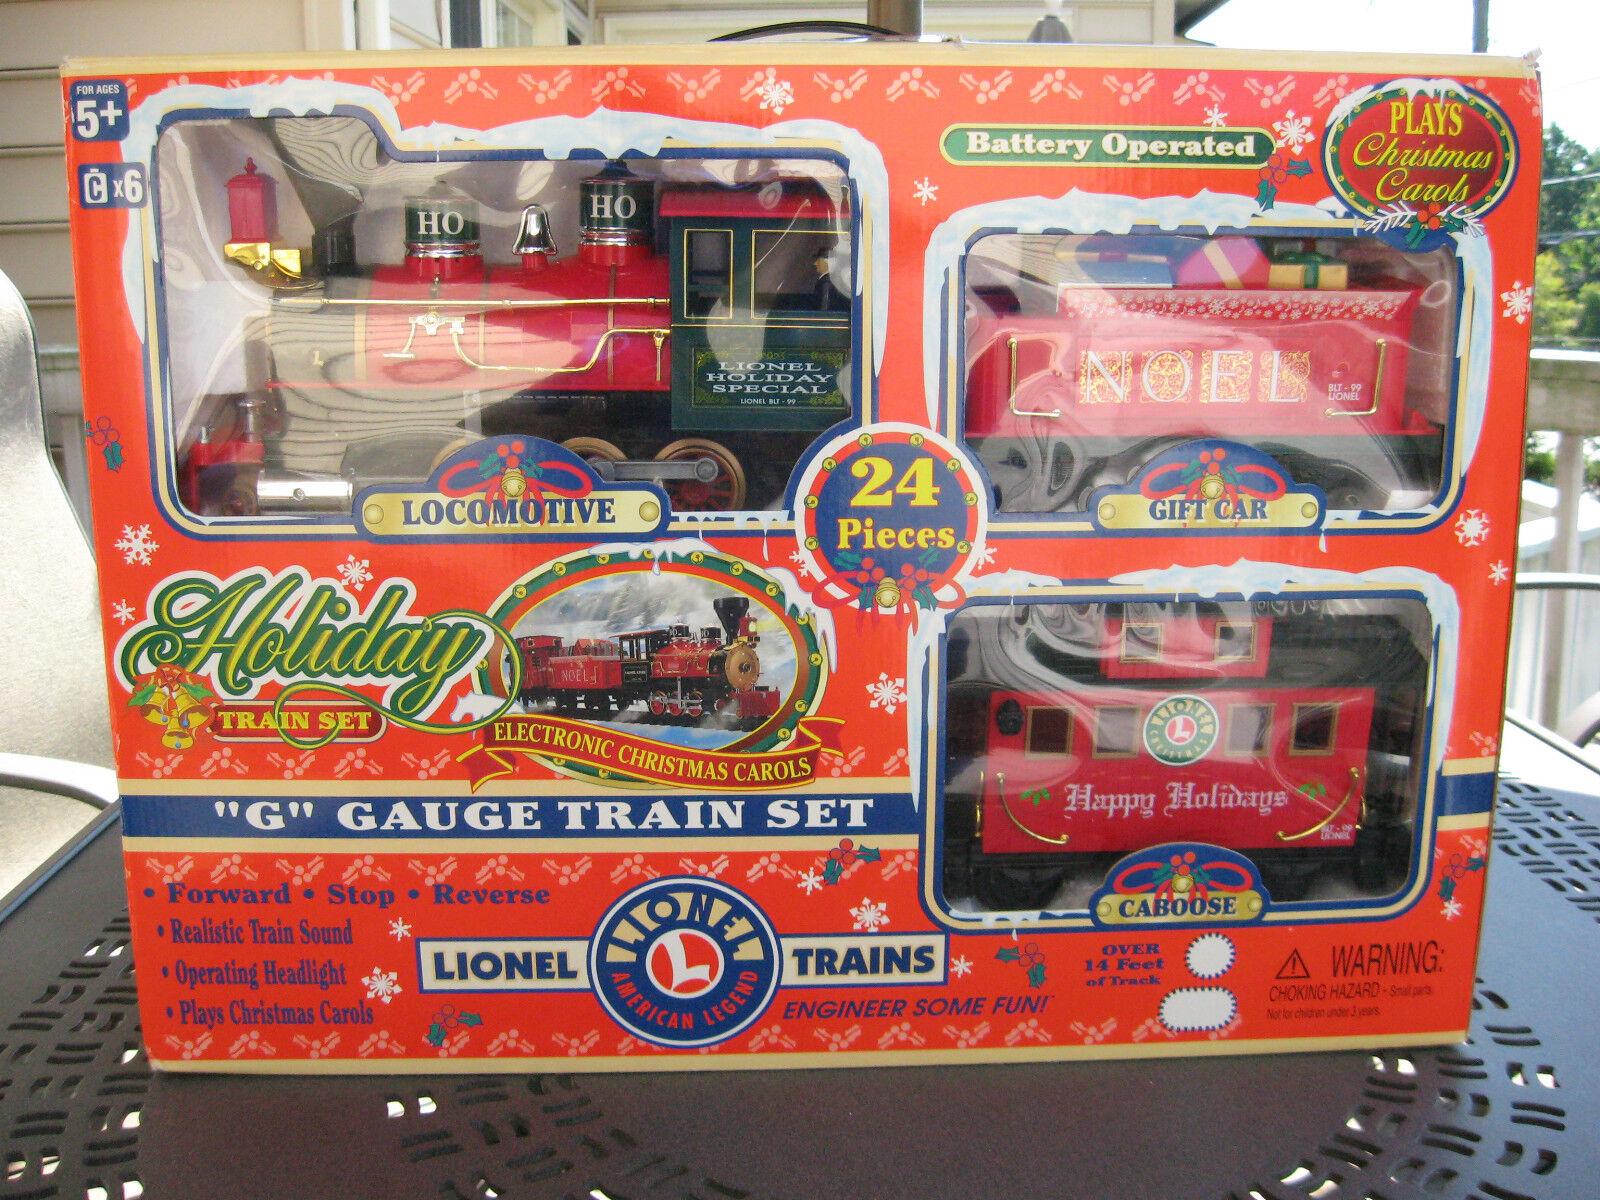 Tren Lionel G calibre Vacaciones Juego Completo 62134